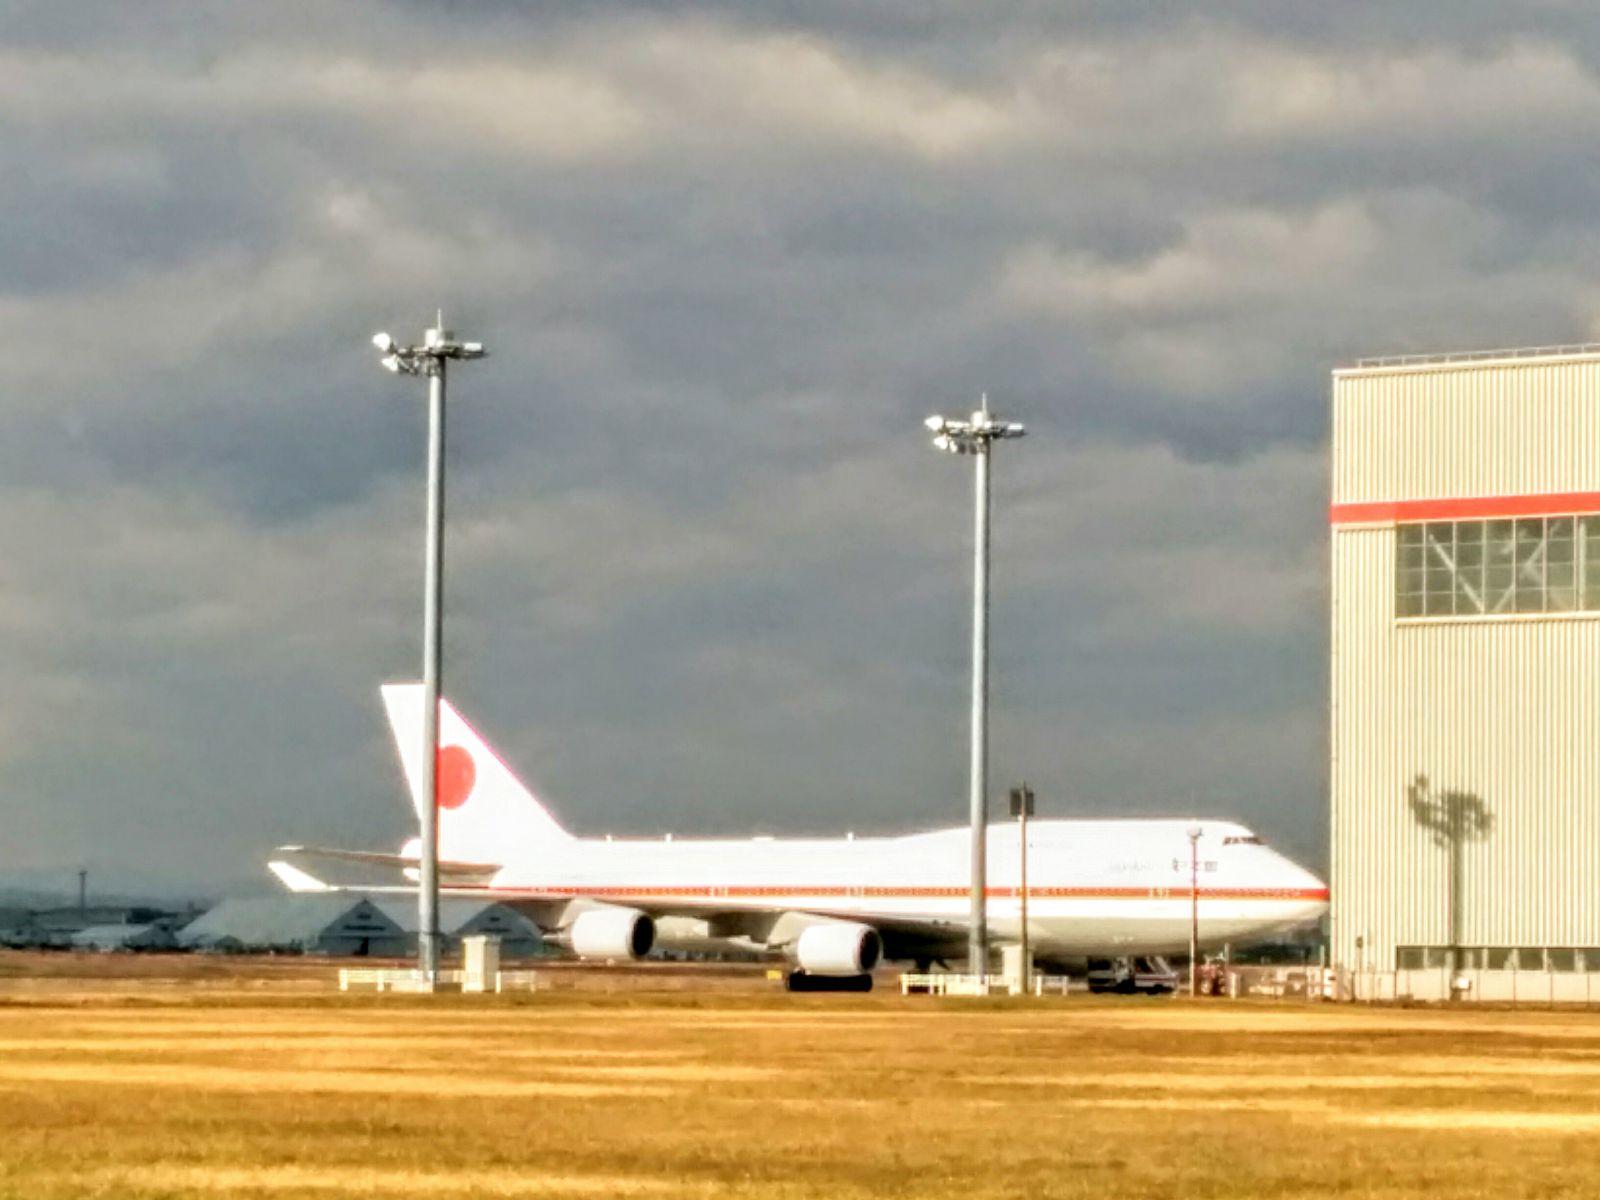 新千歳空港政府専用機の写真です。